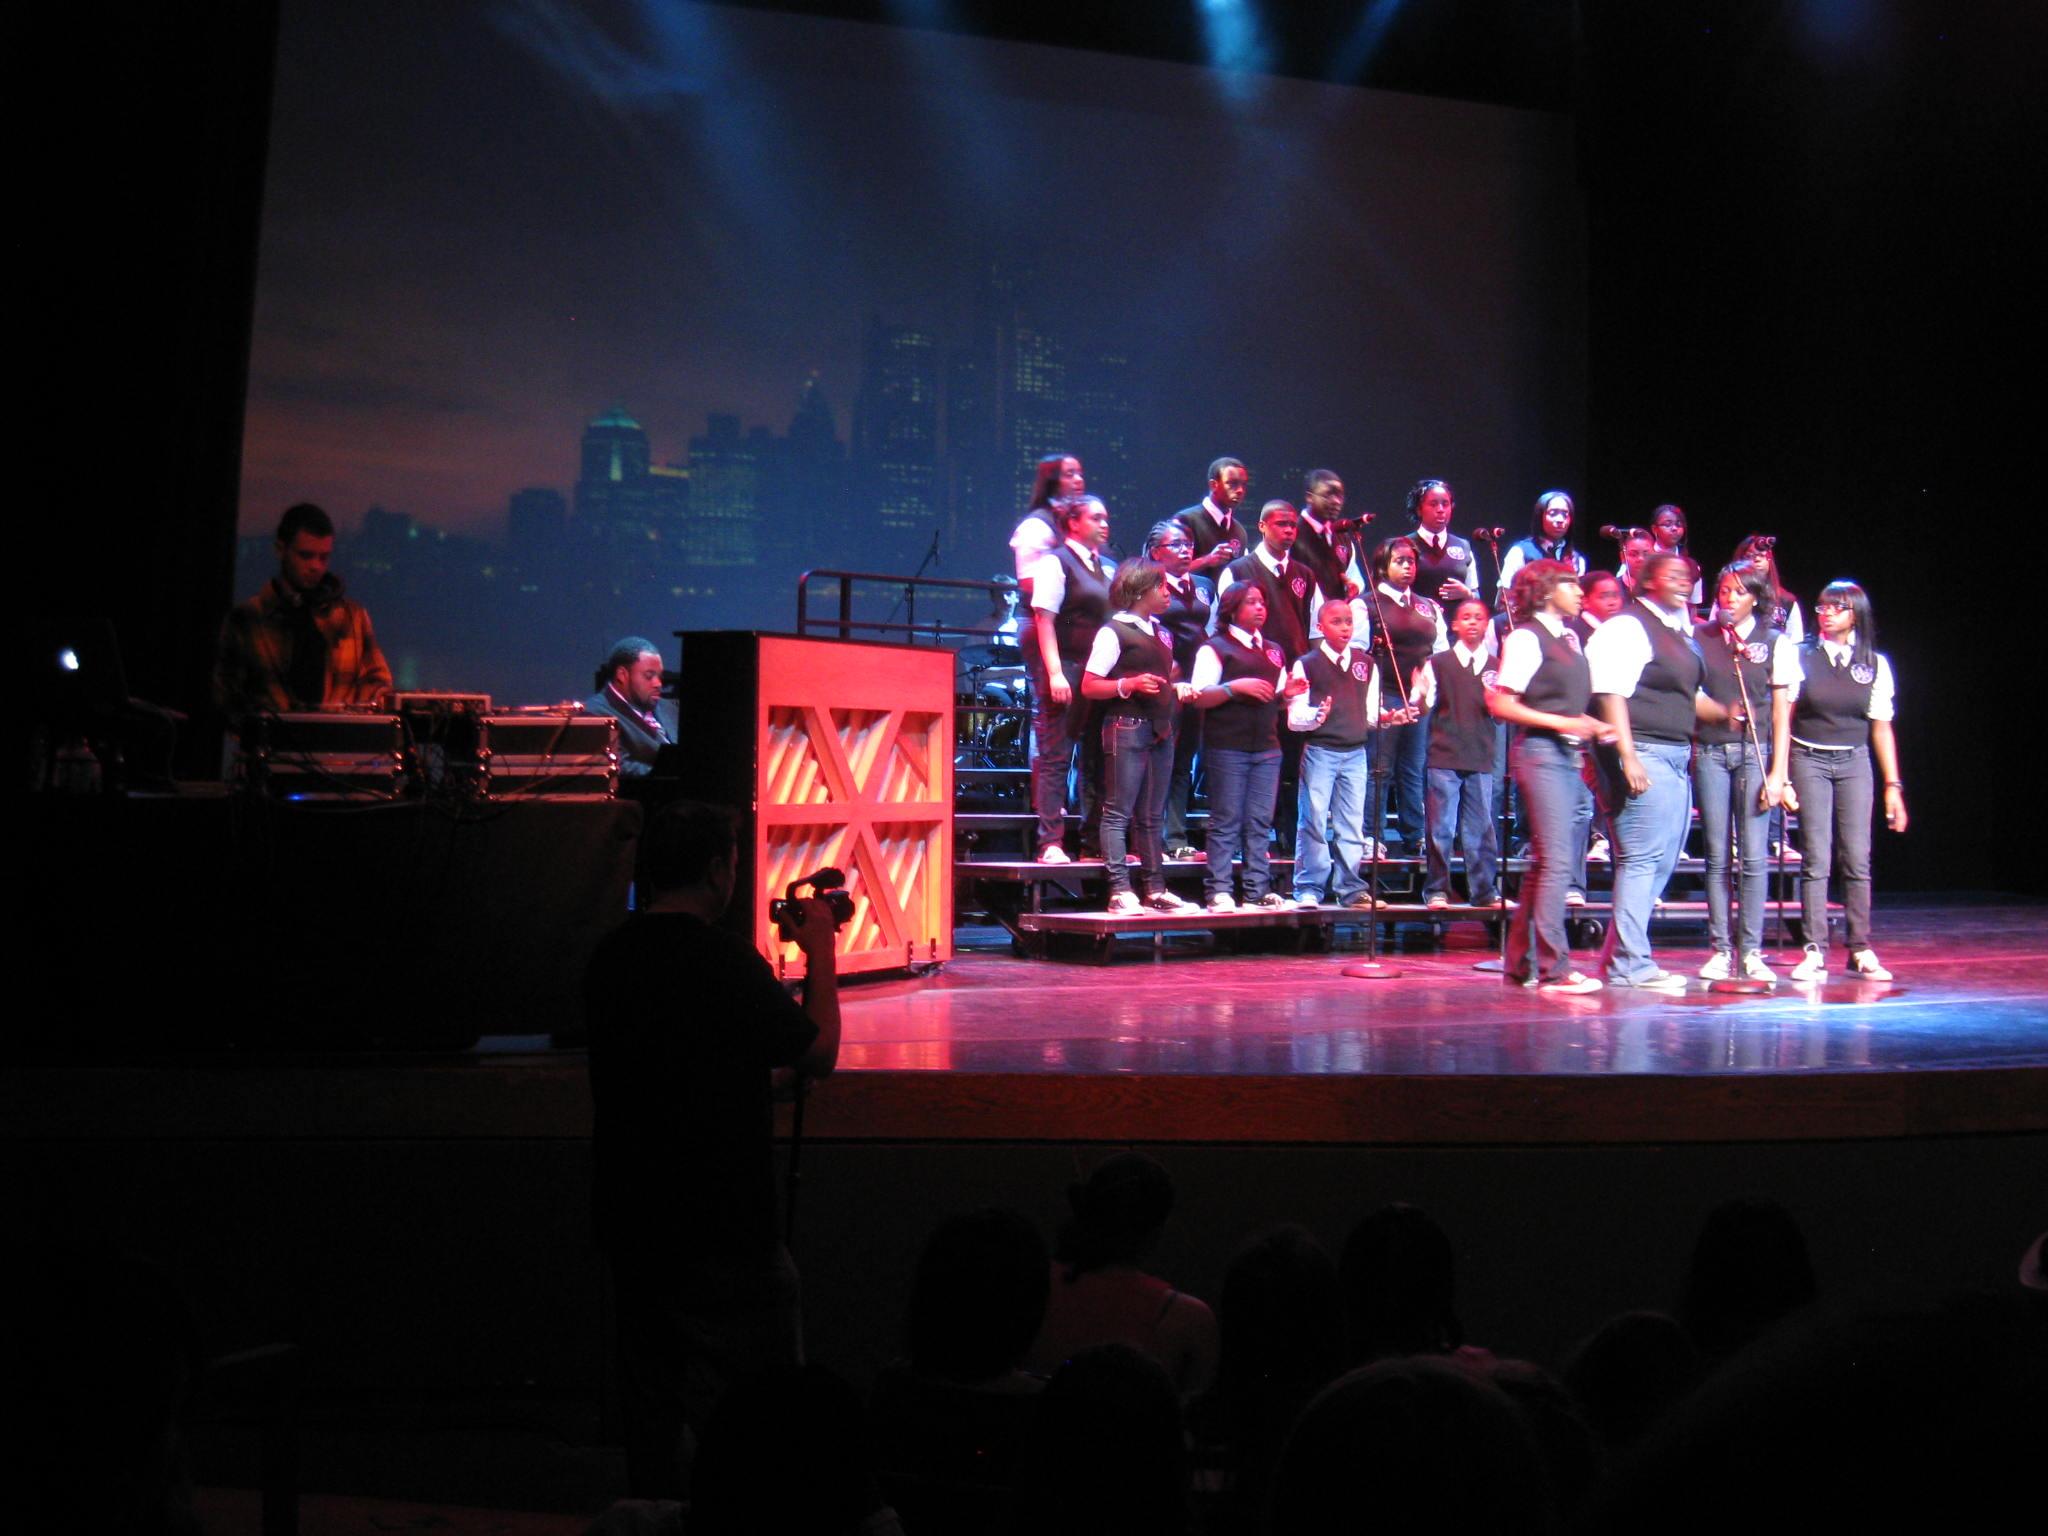 The Detroit Choir